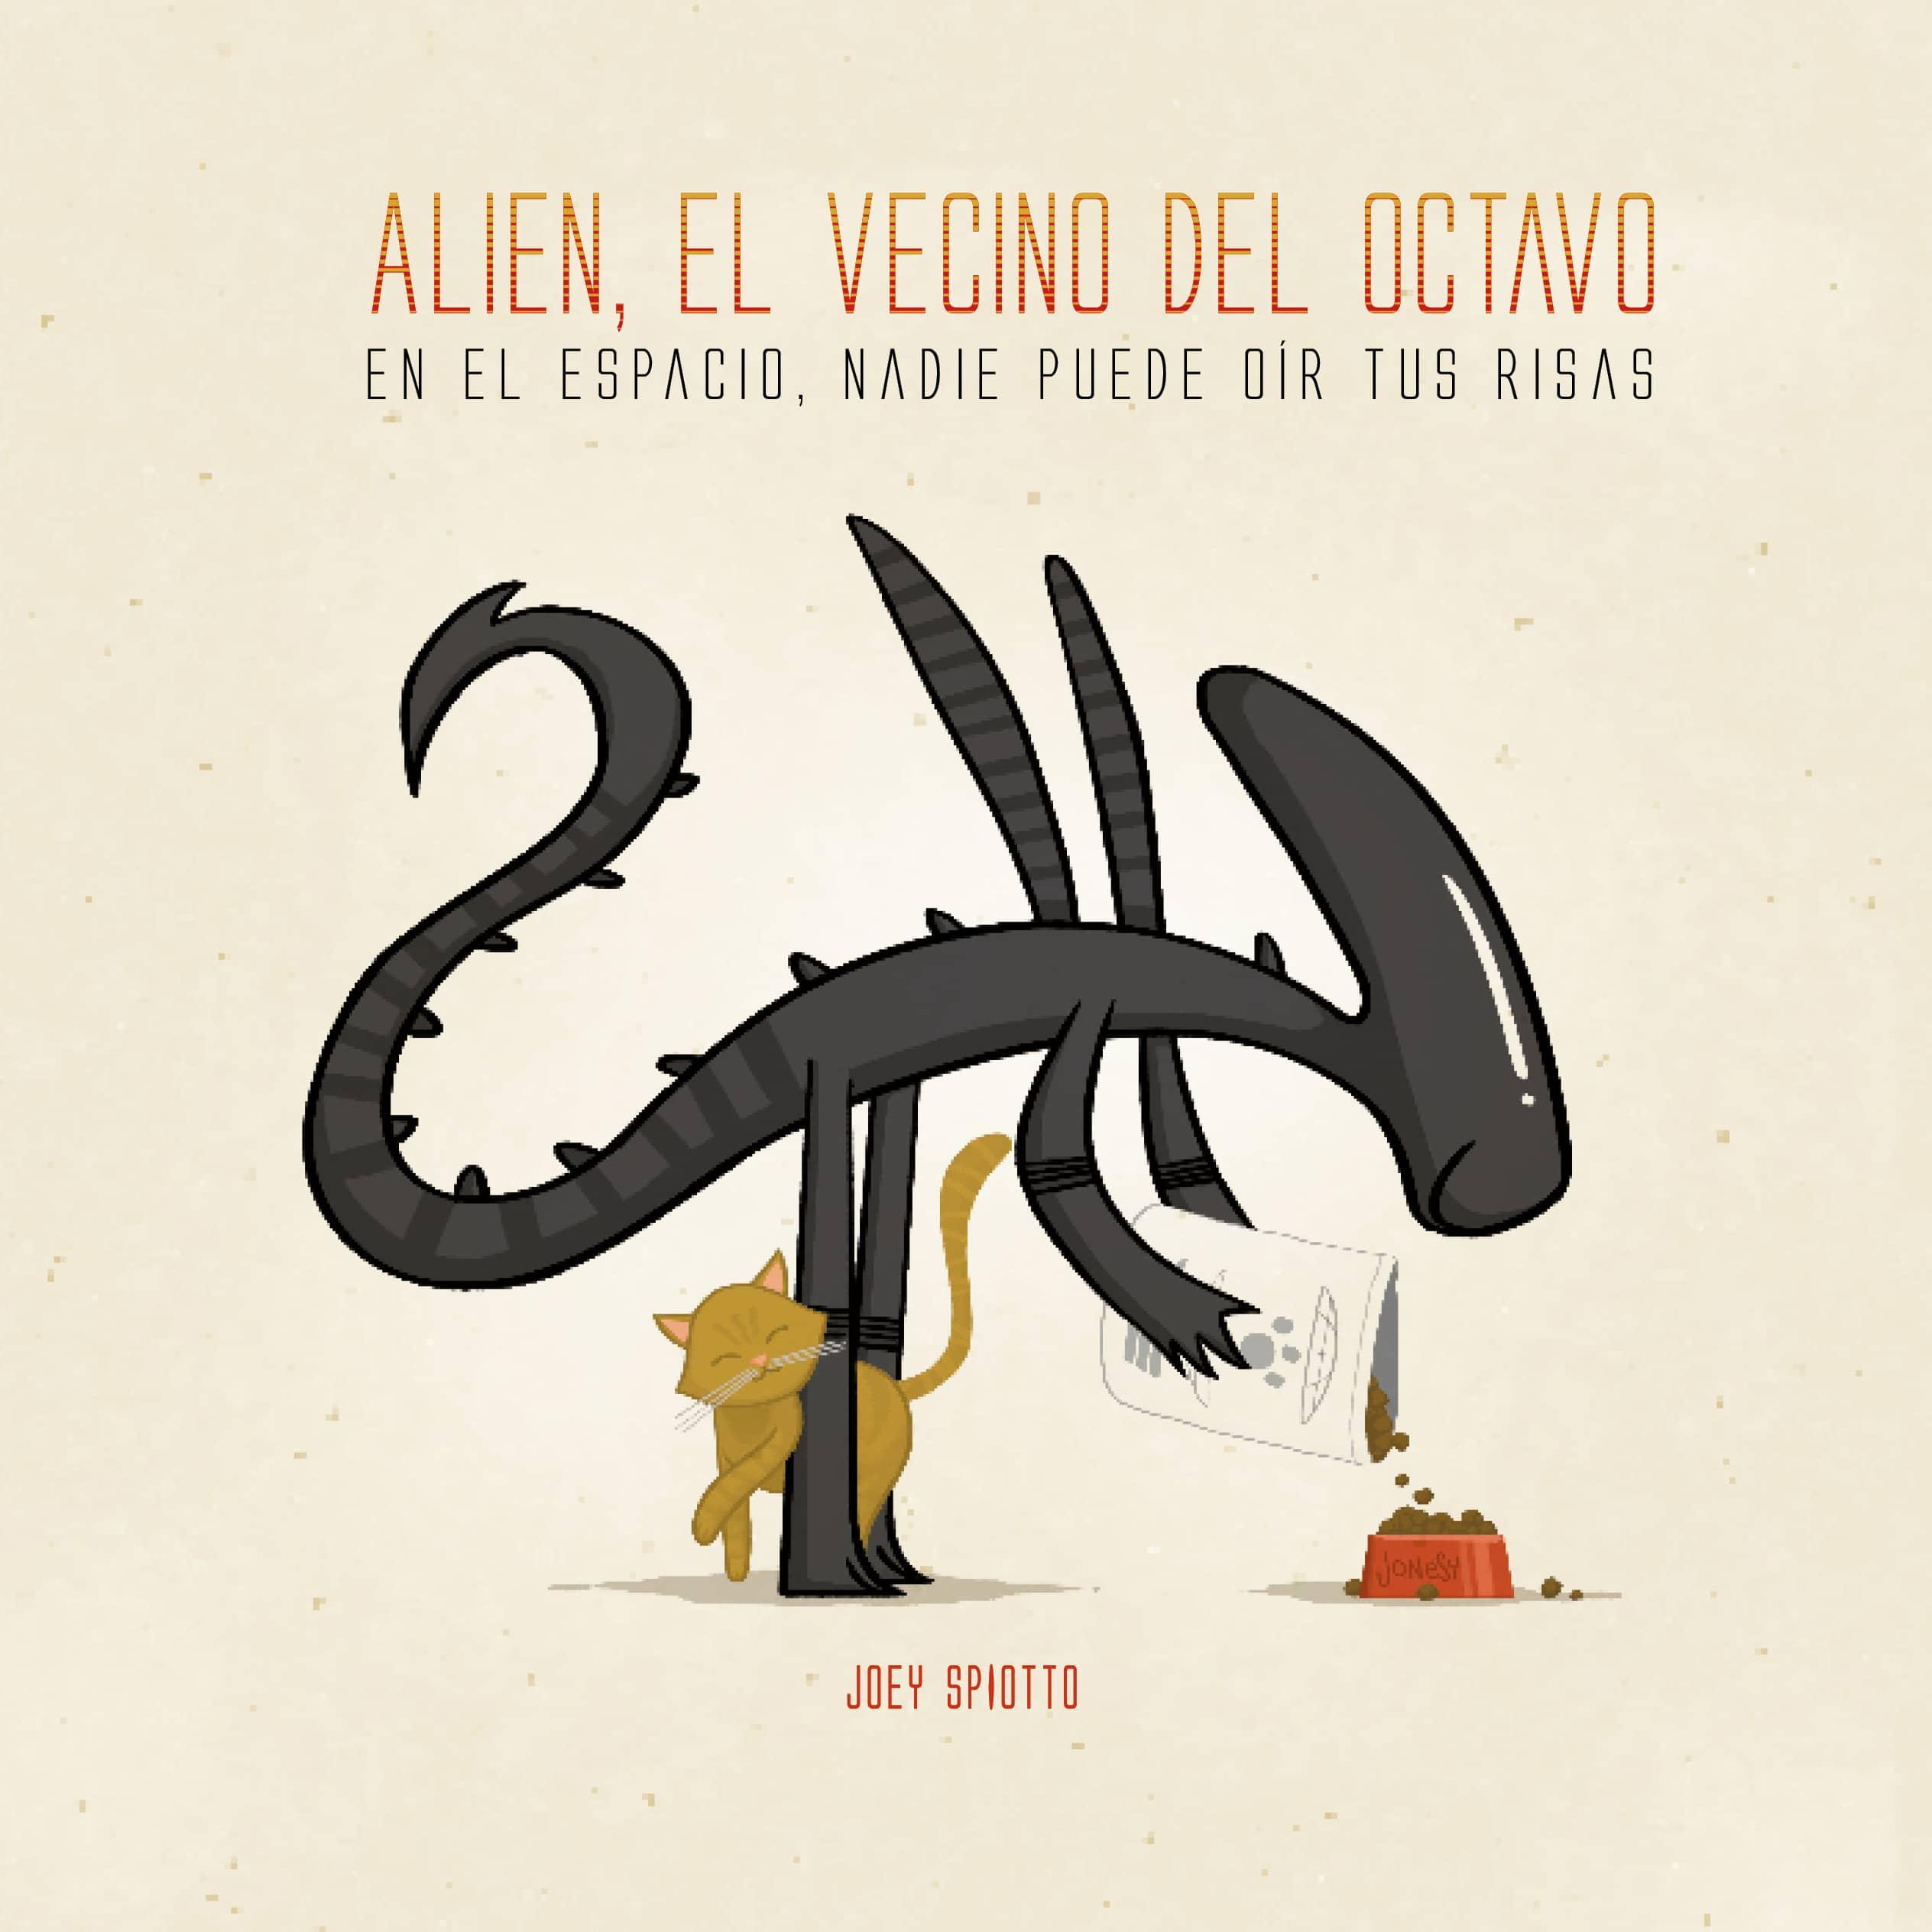 ALIEN, EL VECINO DEL OCTAVO (EN EL ESPACIO NADIE PUEDE OIR TUS RISAS)